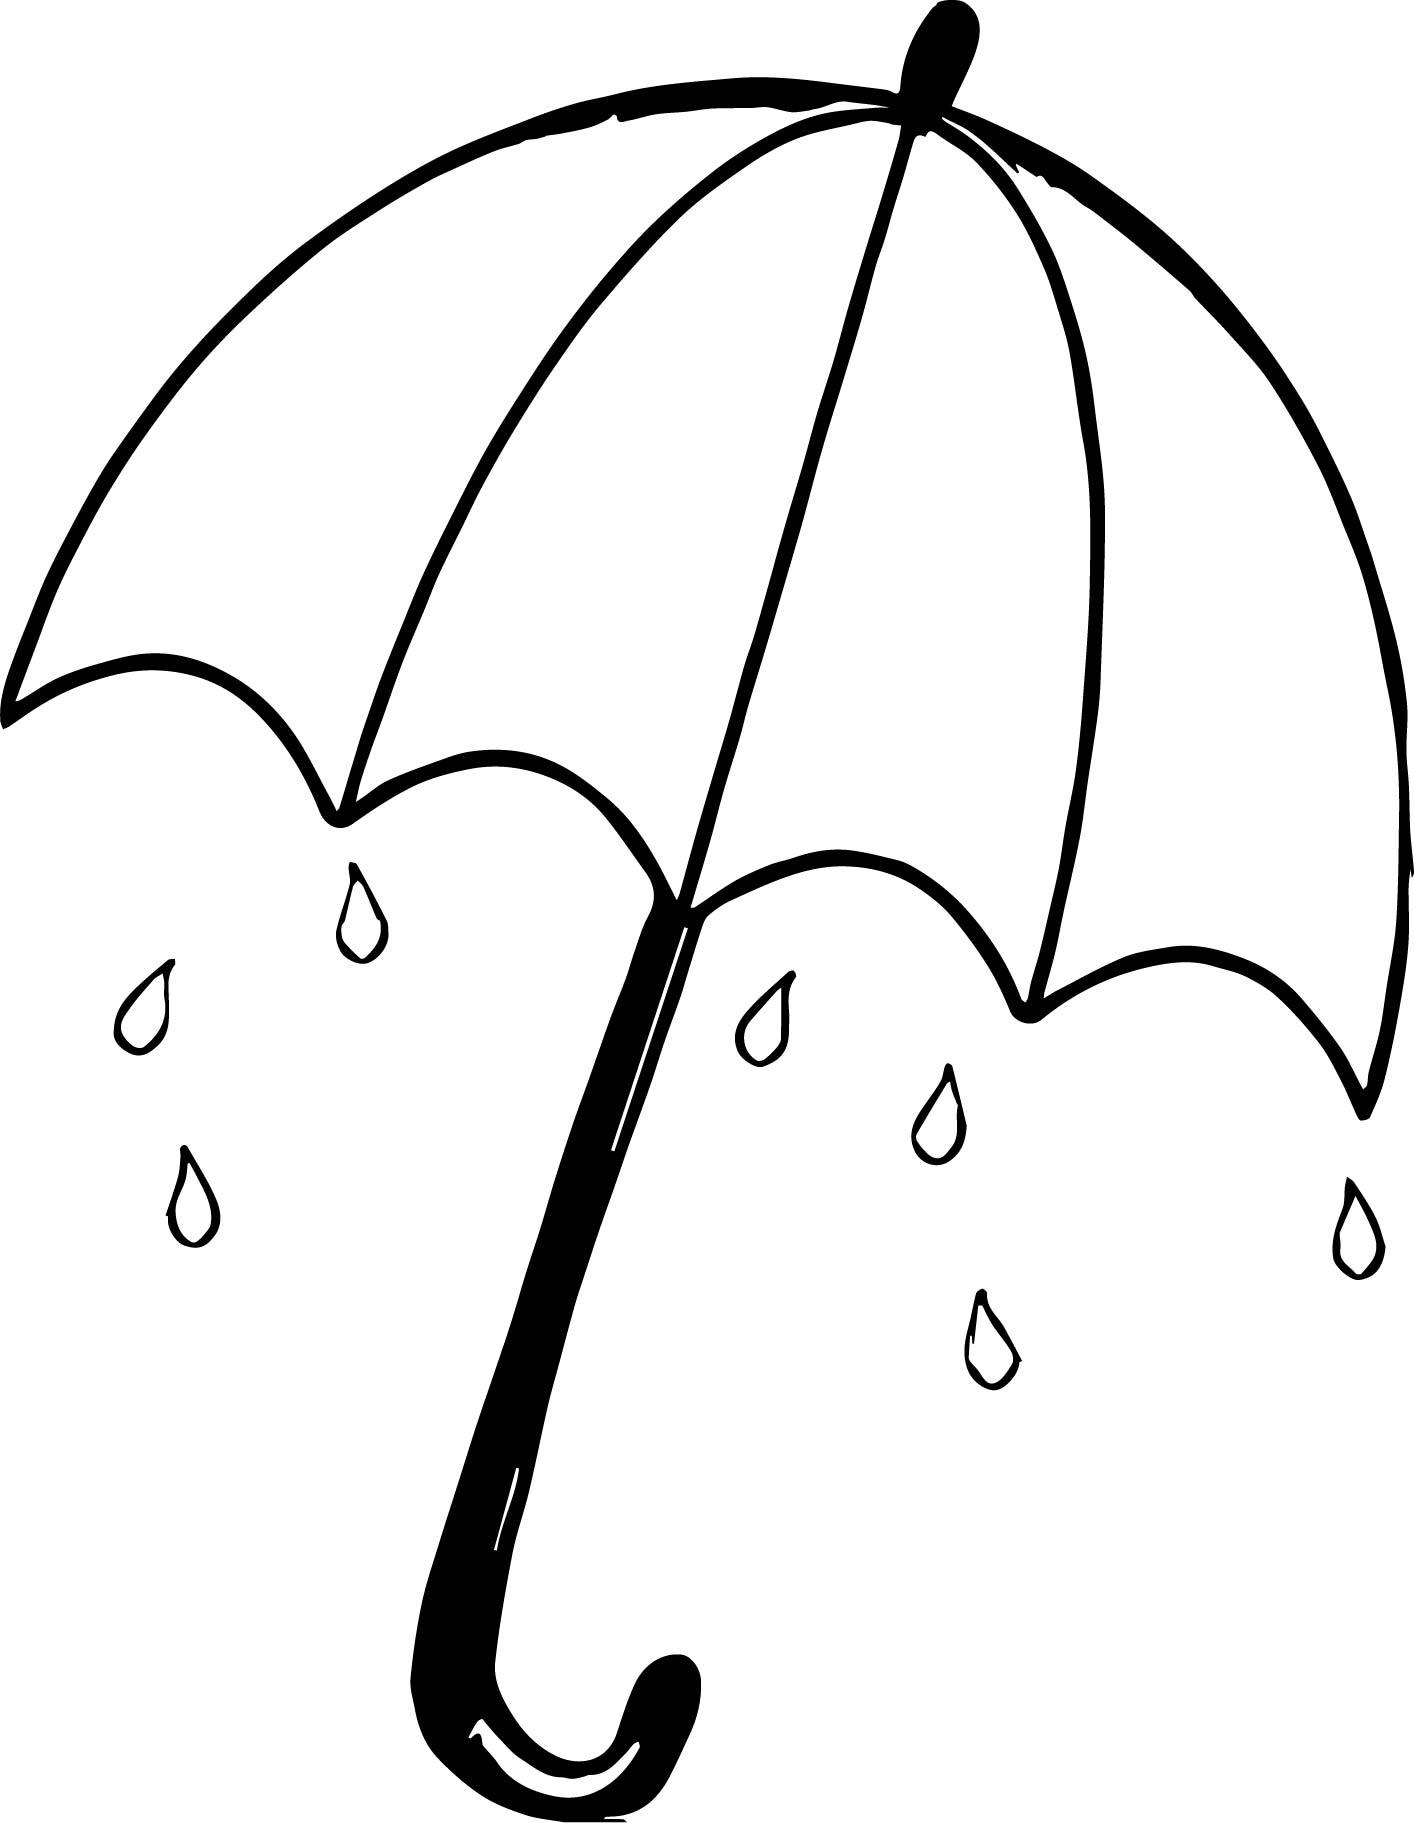 Umbrella Coloring Page